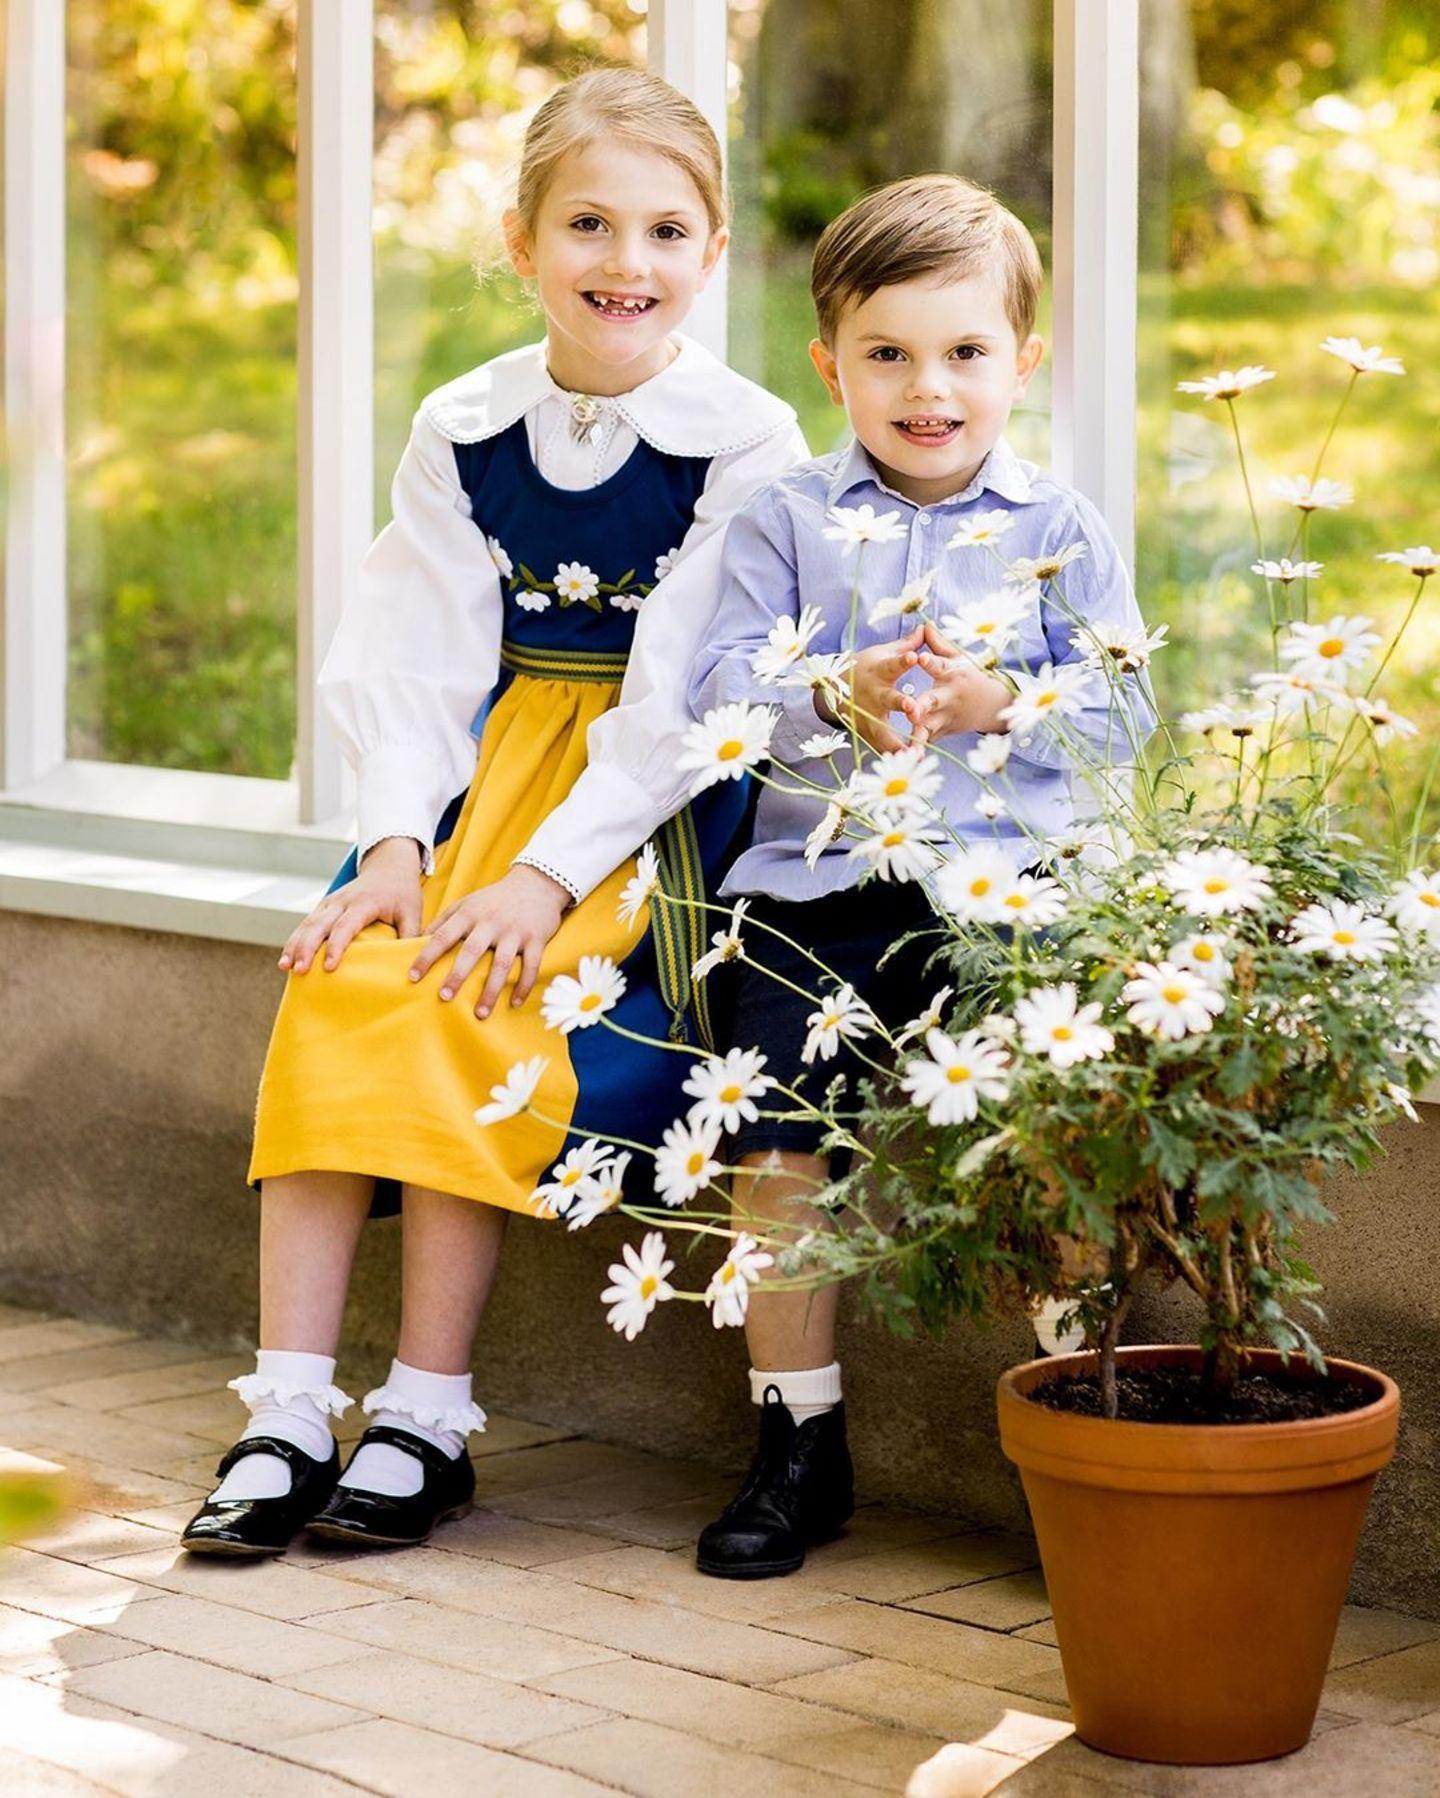 6. Juni 2019  Anlässlich des schwedischen Nationalfeiertags teilt das Königshaus süße neue Fotos von Prinzessin Estelle und Prinz Oscar.